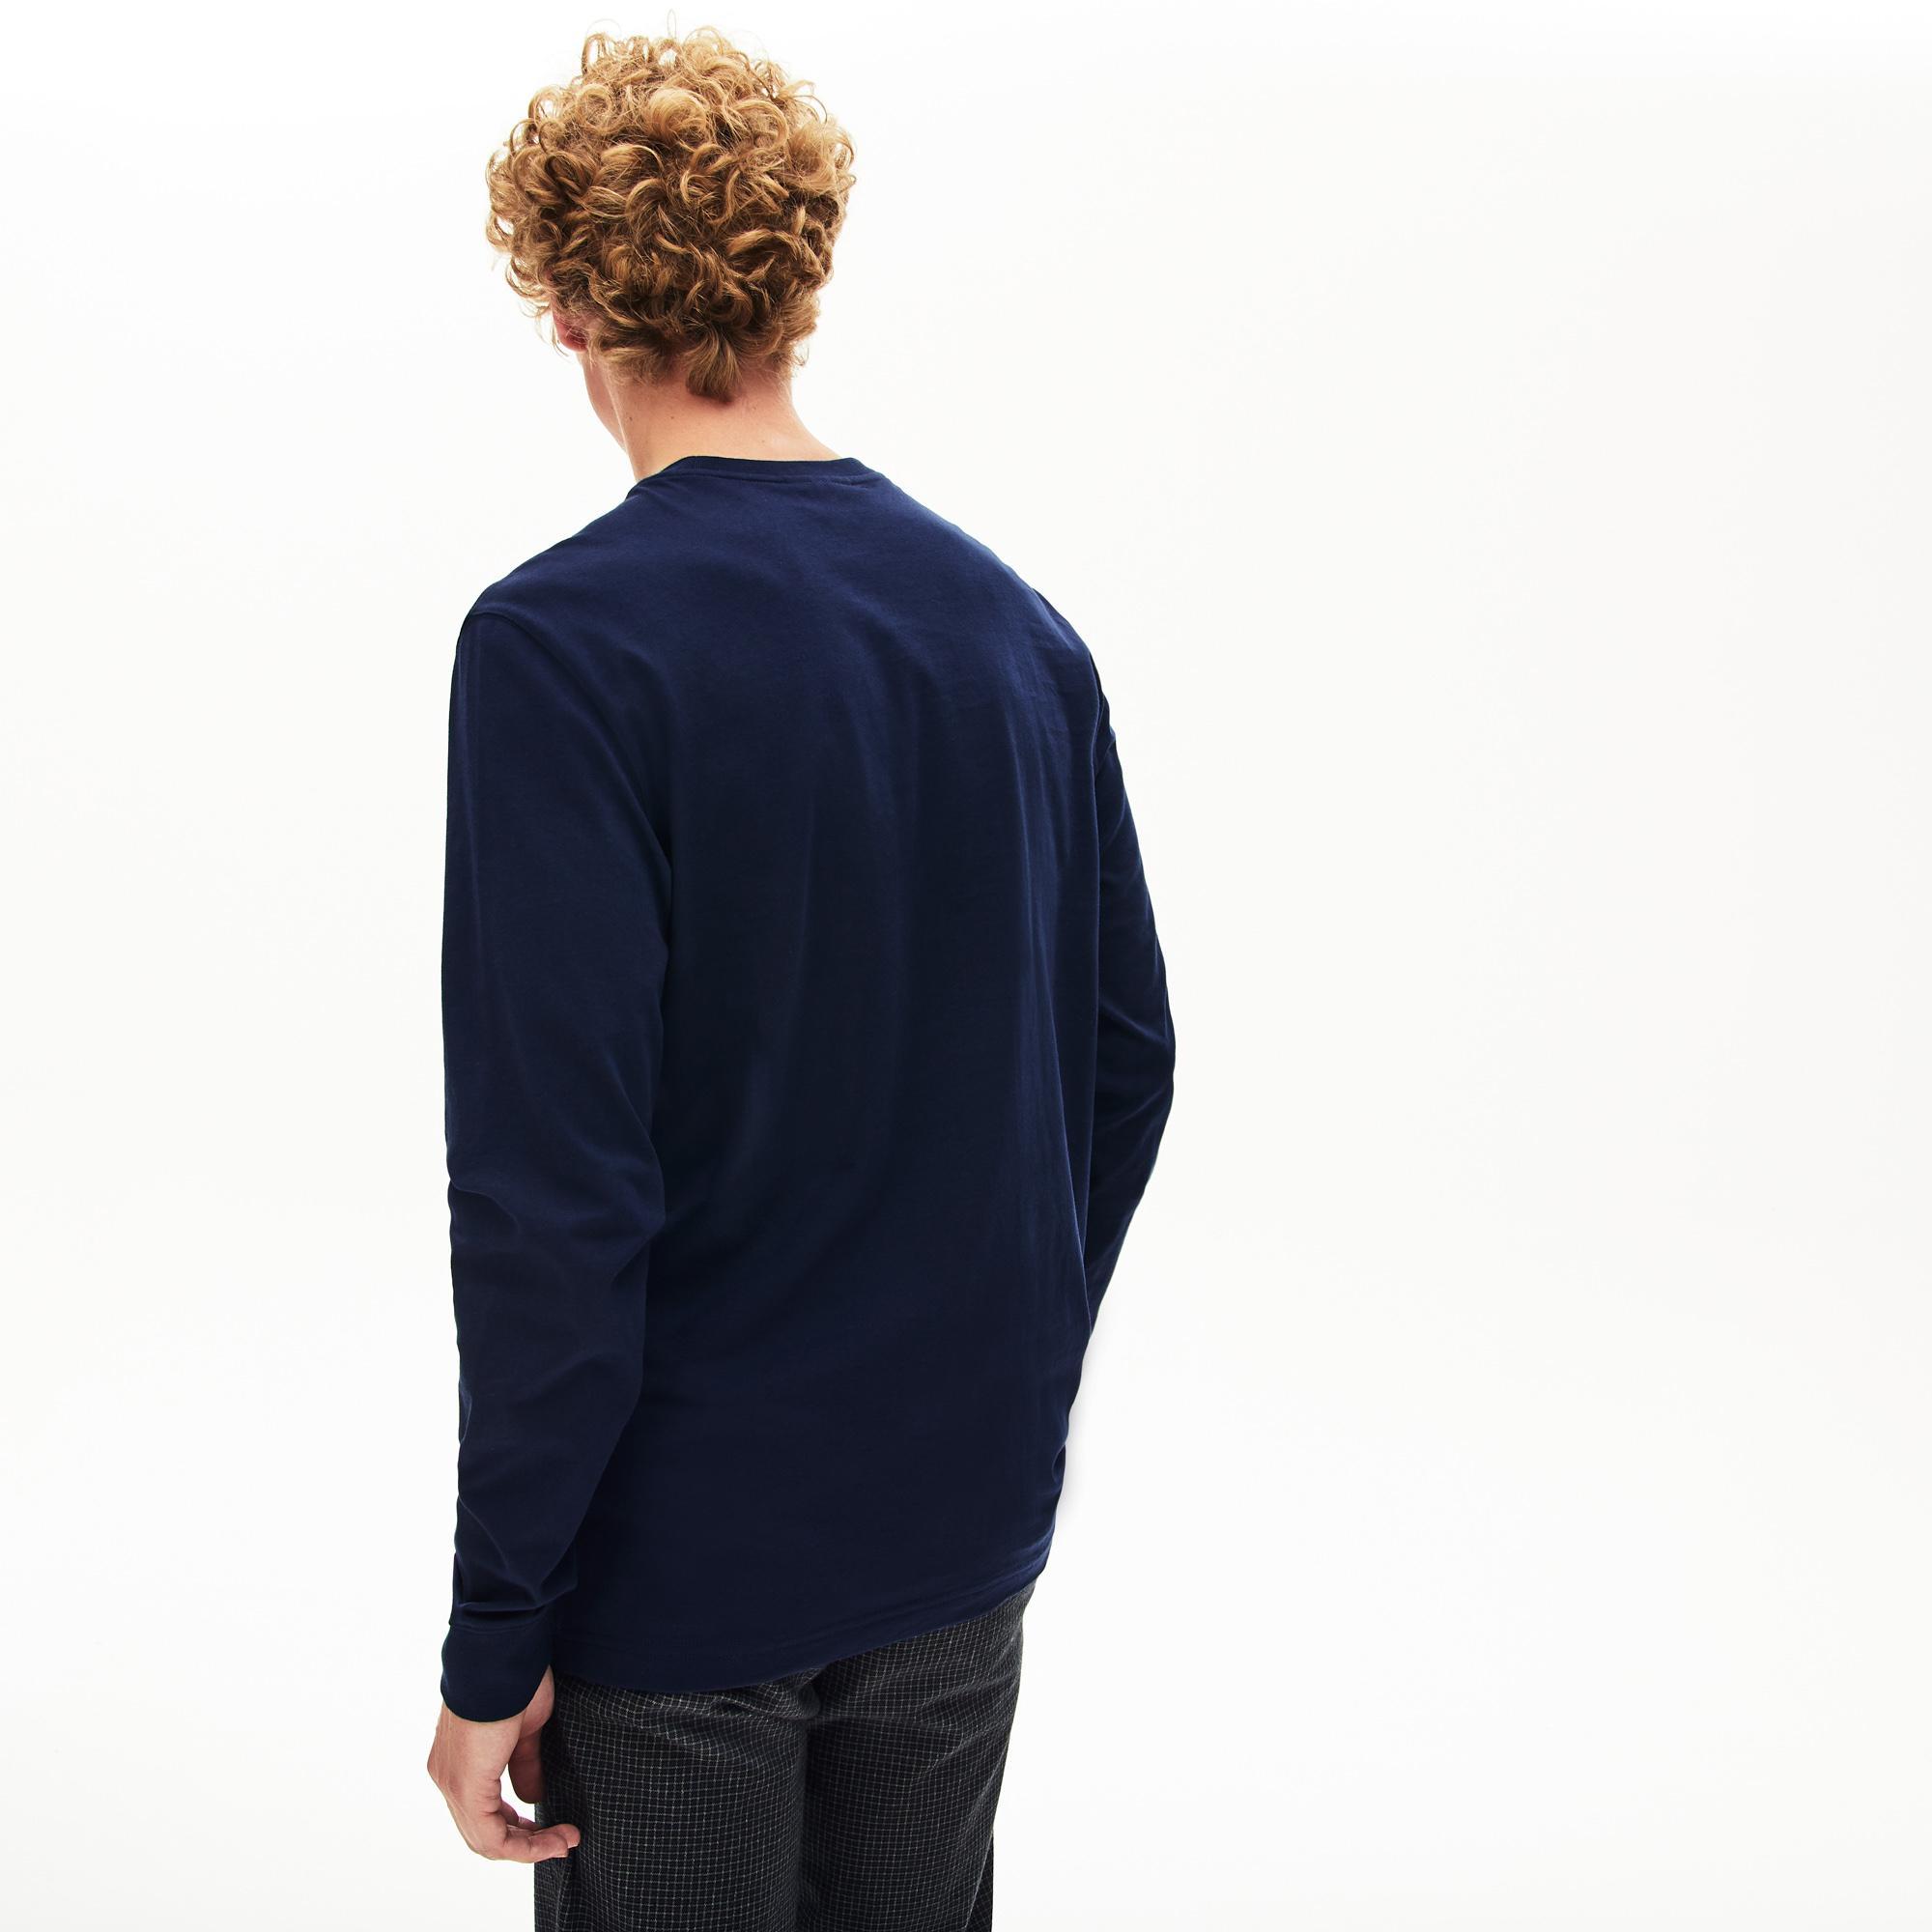 Lacoste Erkek Regular Fit Baskılı Uzun Kollu Lacivert T-Shirt